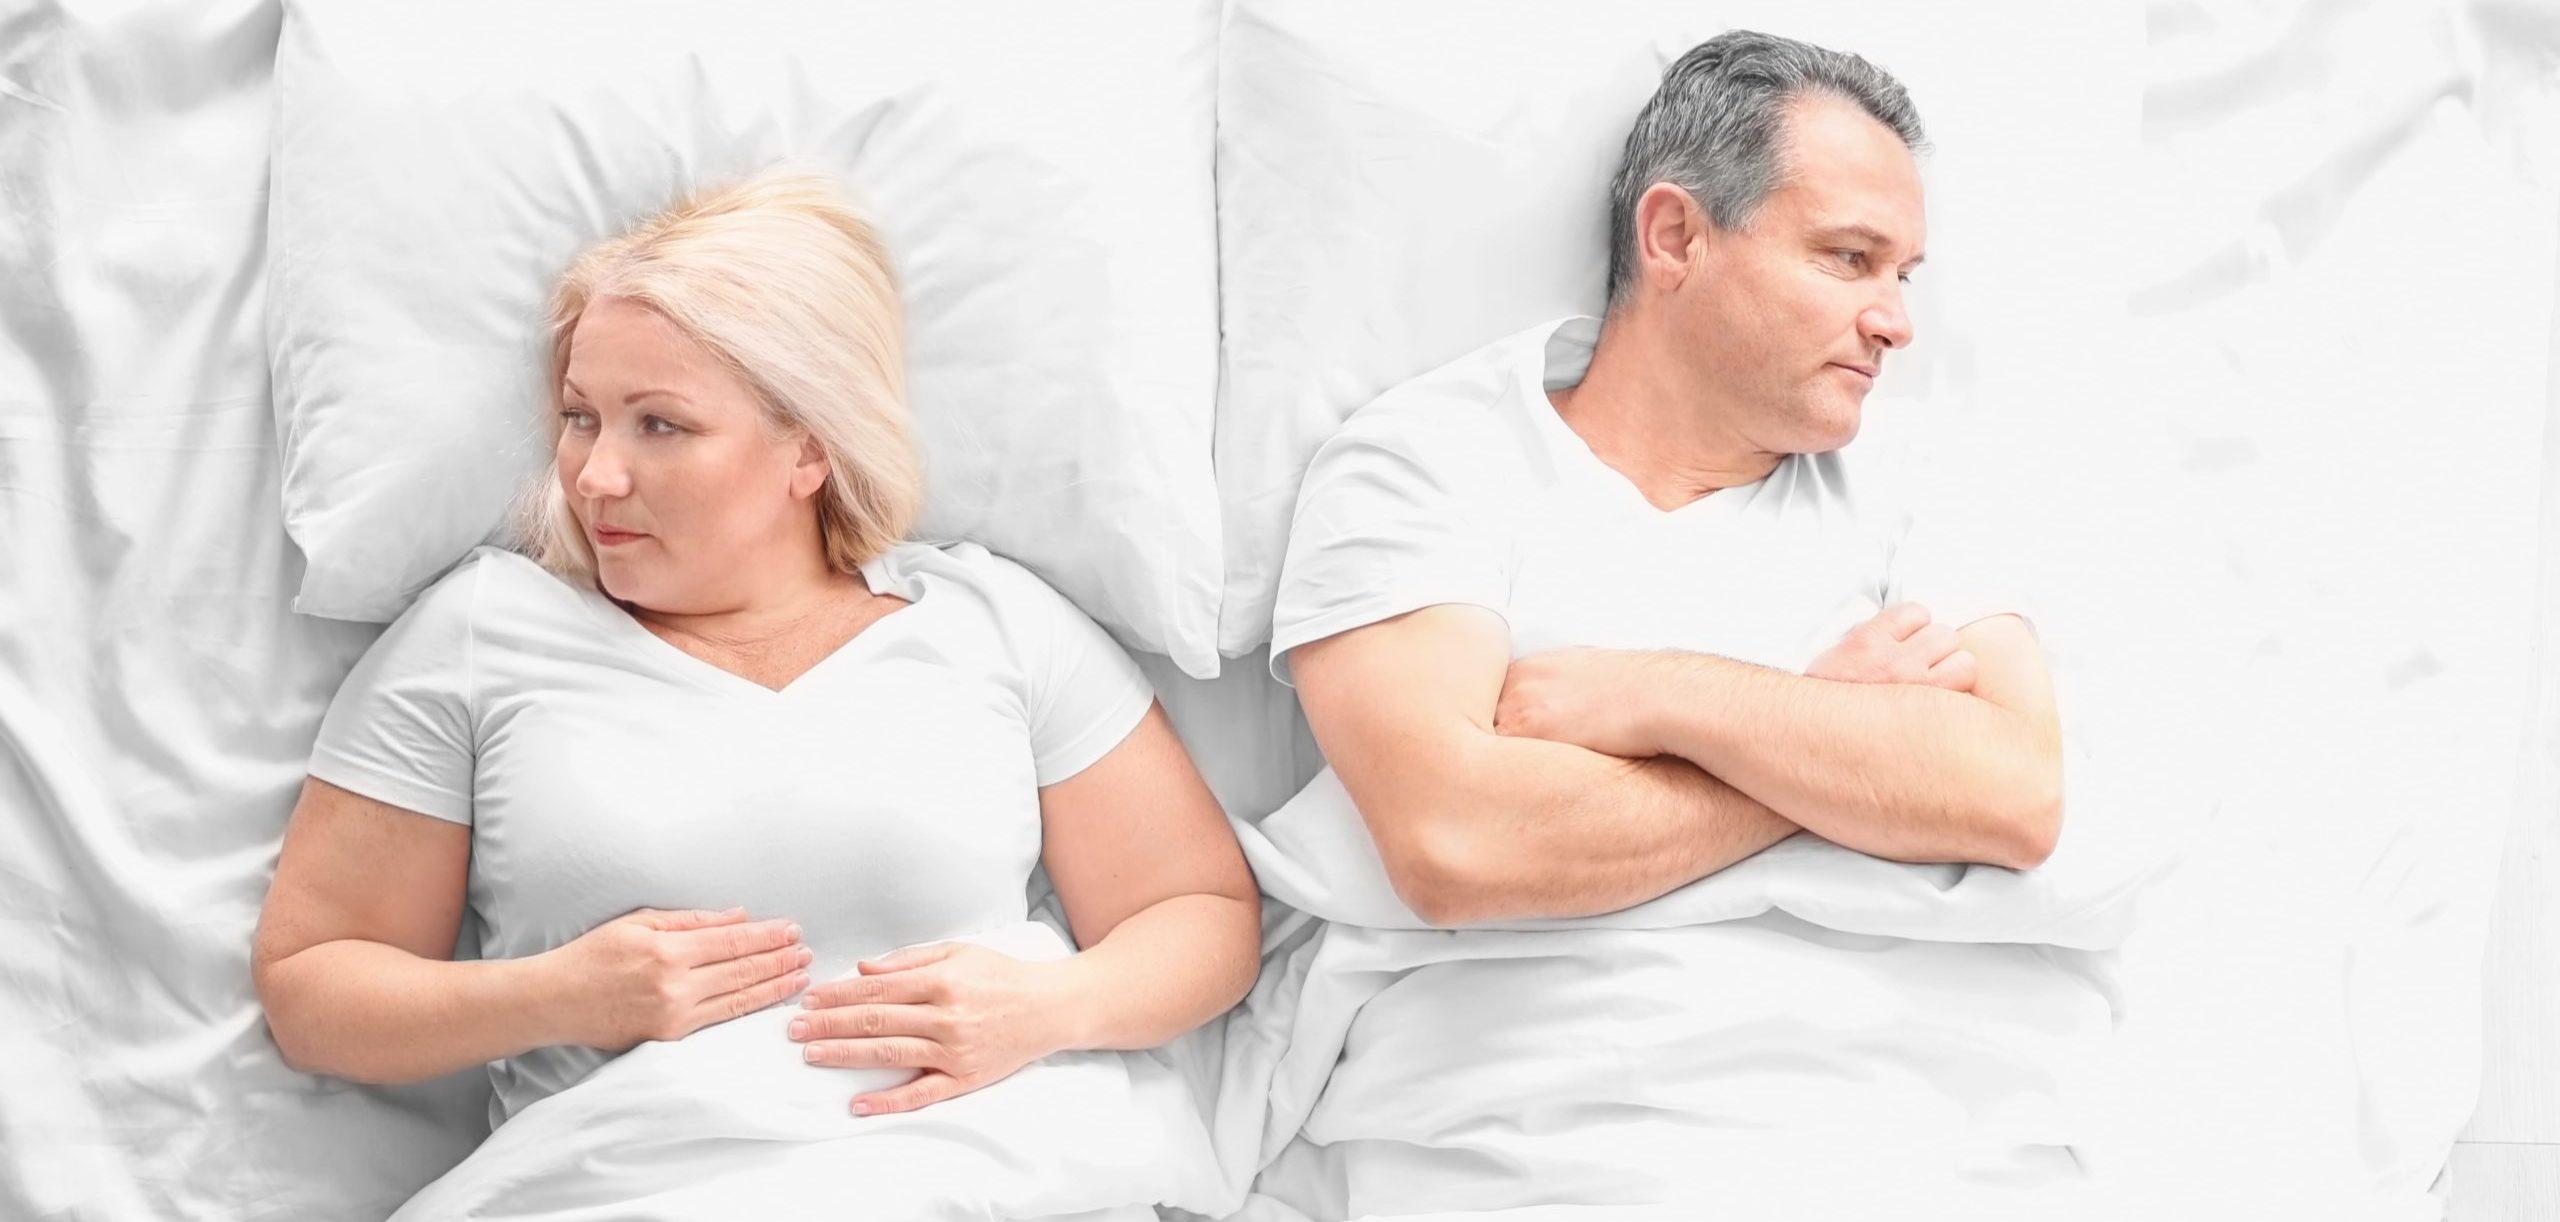 Pärchen liegt im Bett und hat offensichtlich Keine Lust auf Sex